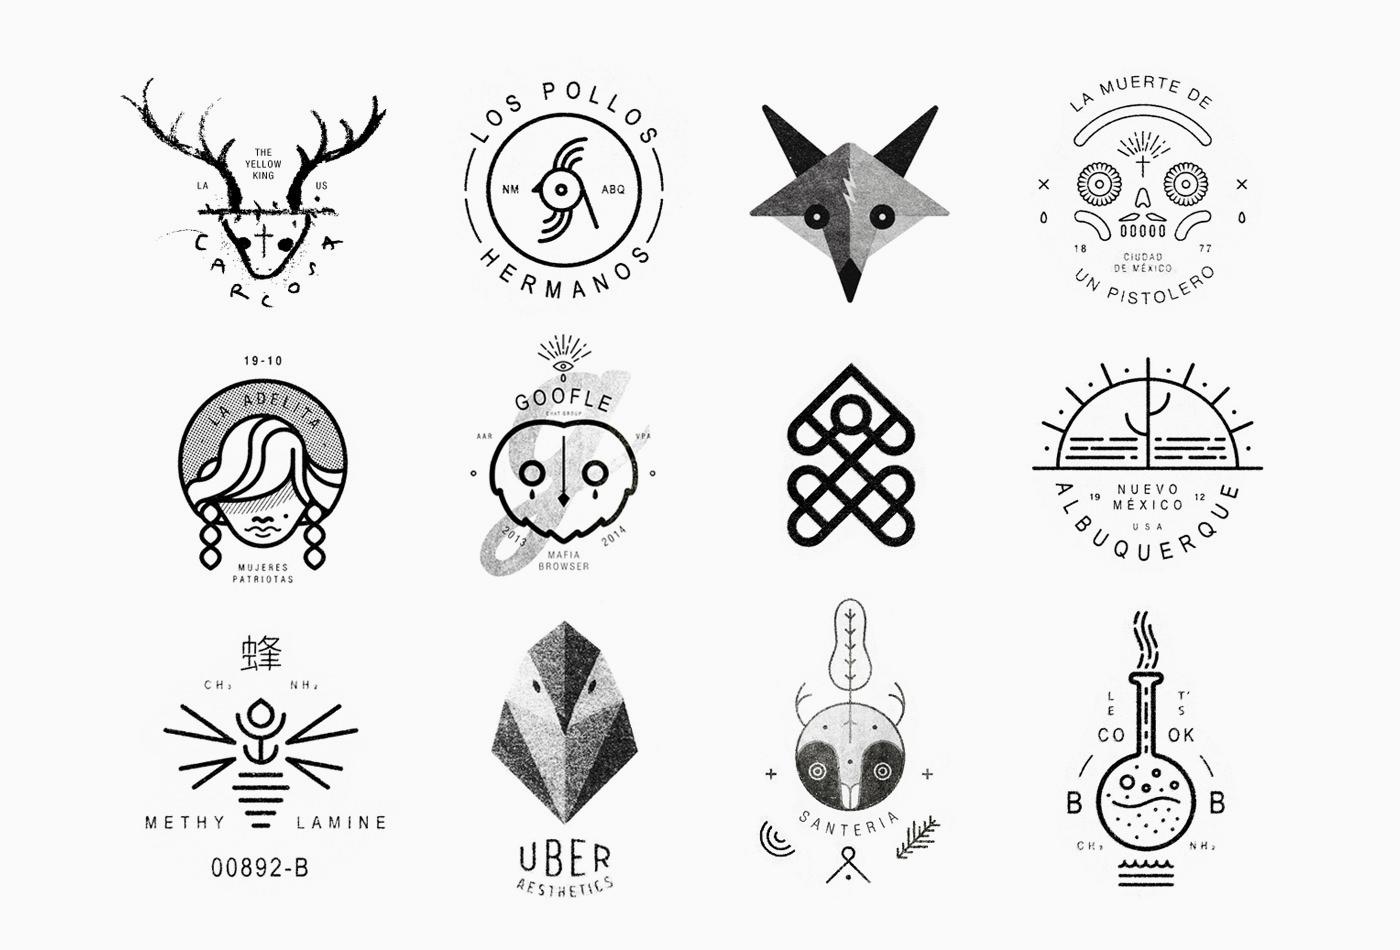 02-logo-marks-symbol-vacaliebres